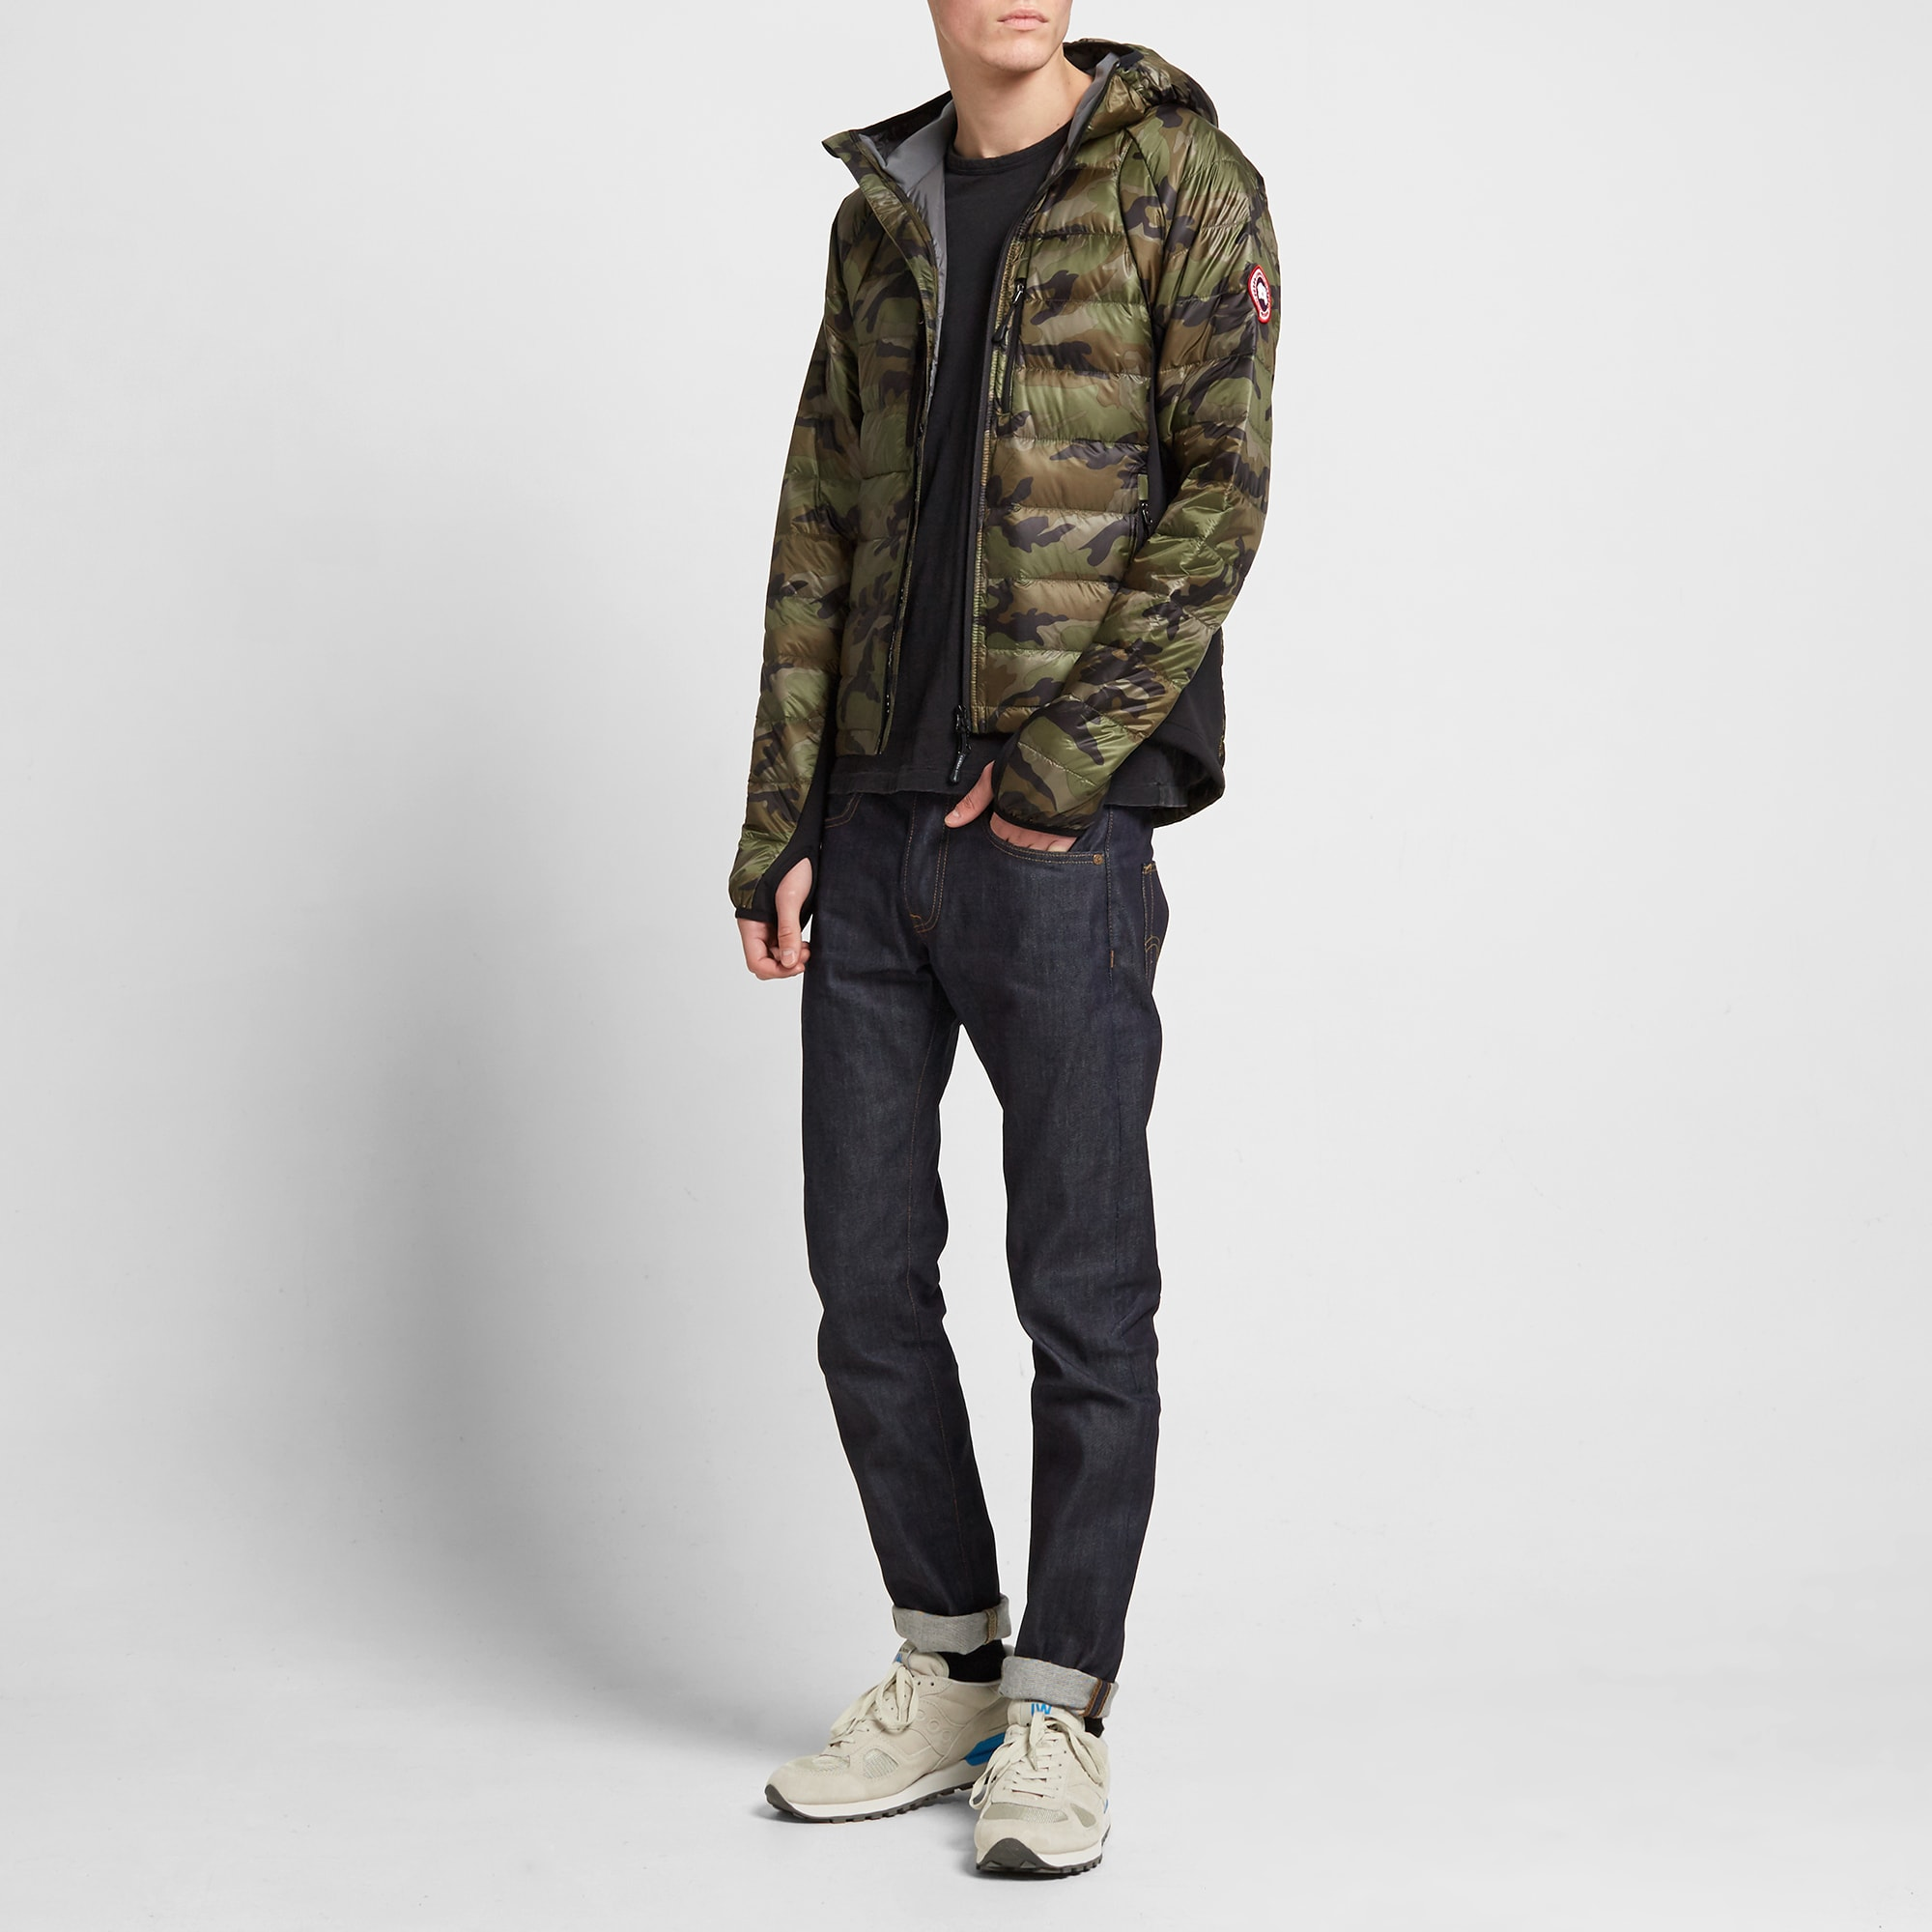 canada goose hybridge jacket fit